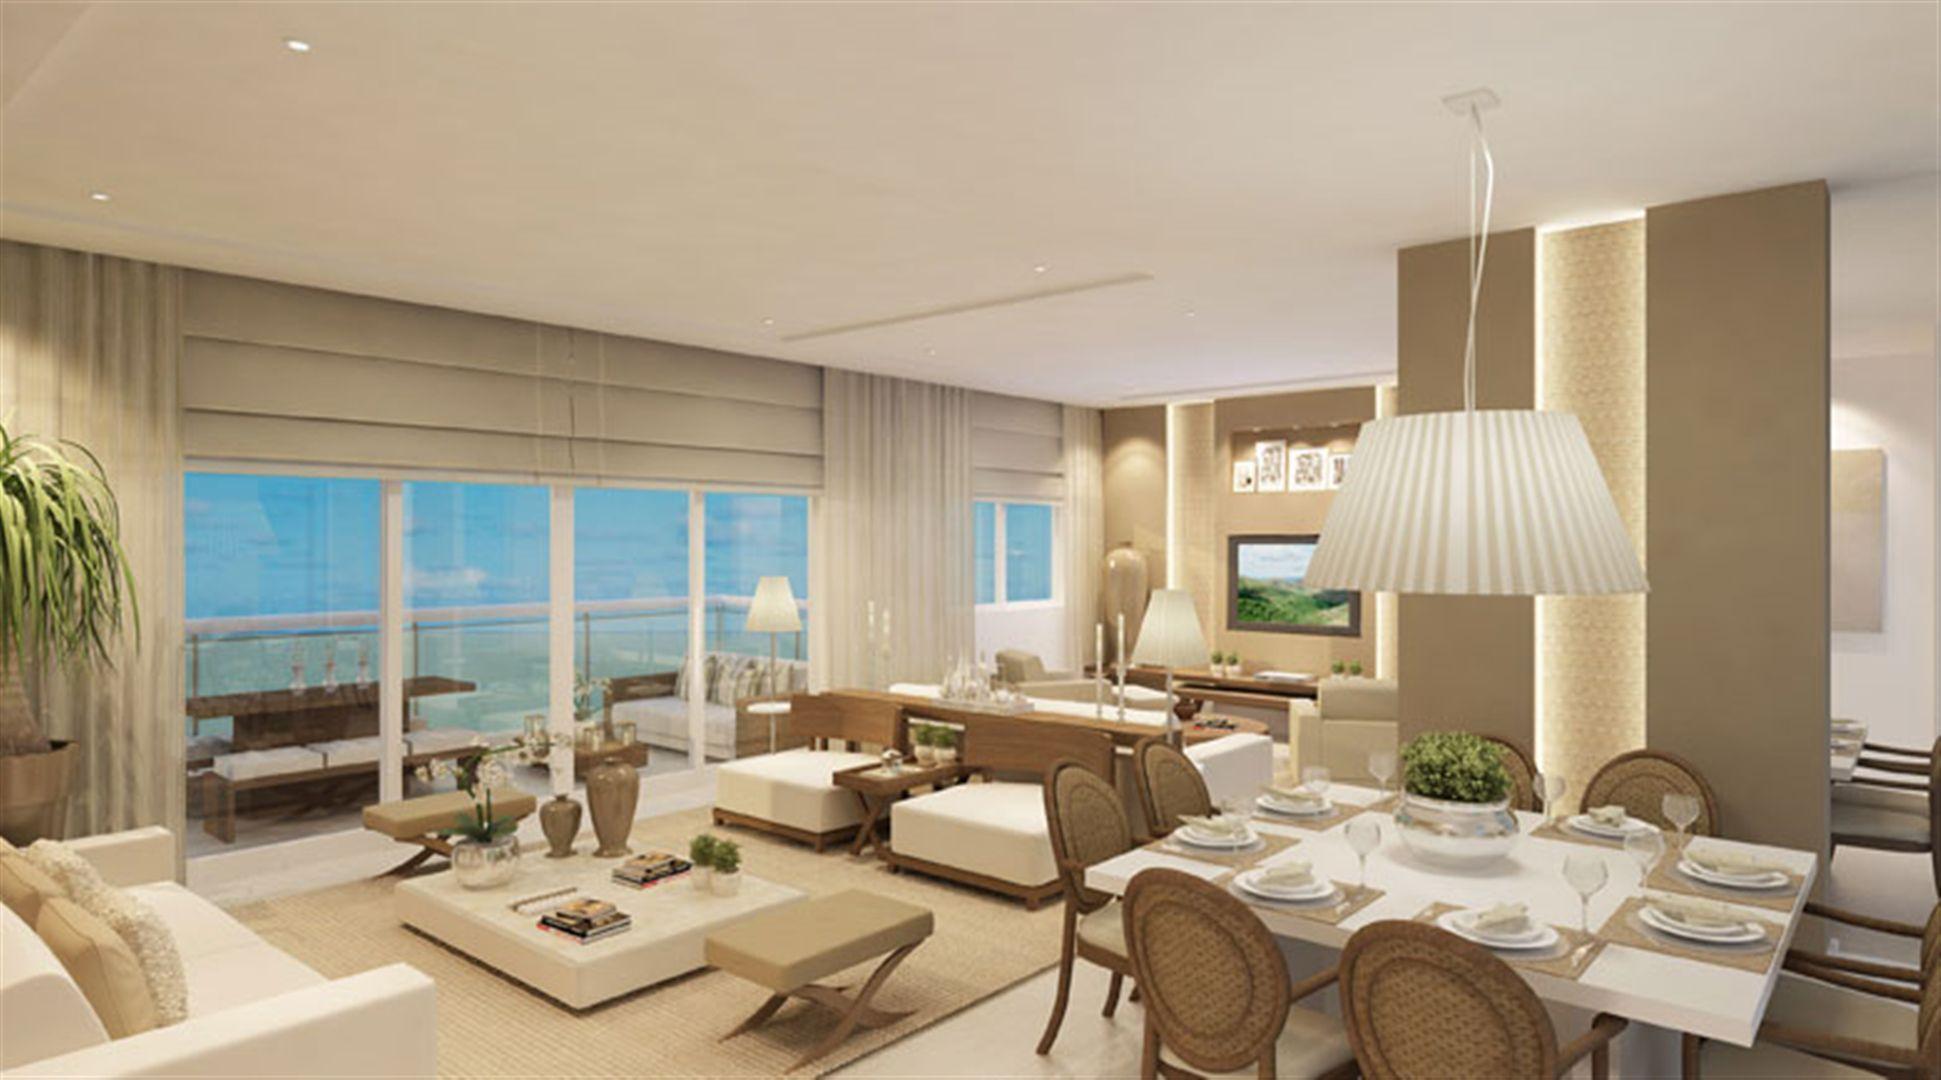 Perspectiva ilustrada living apartamento 161 m²